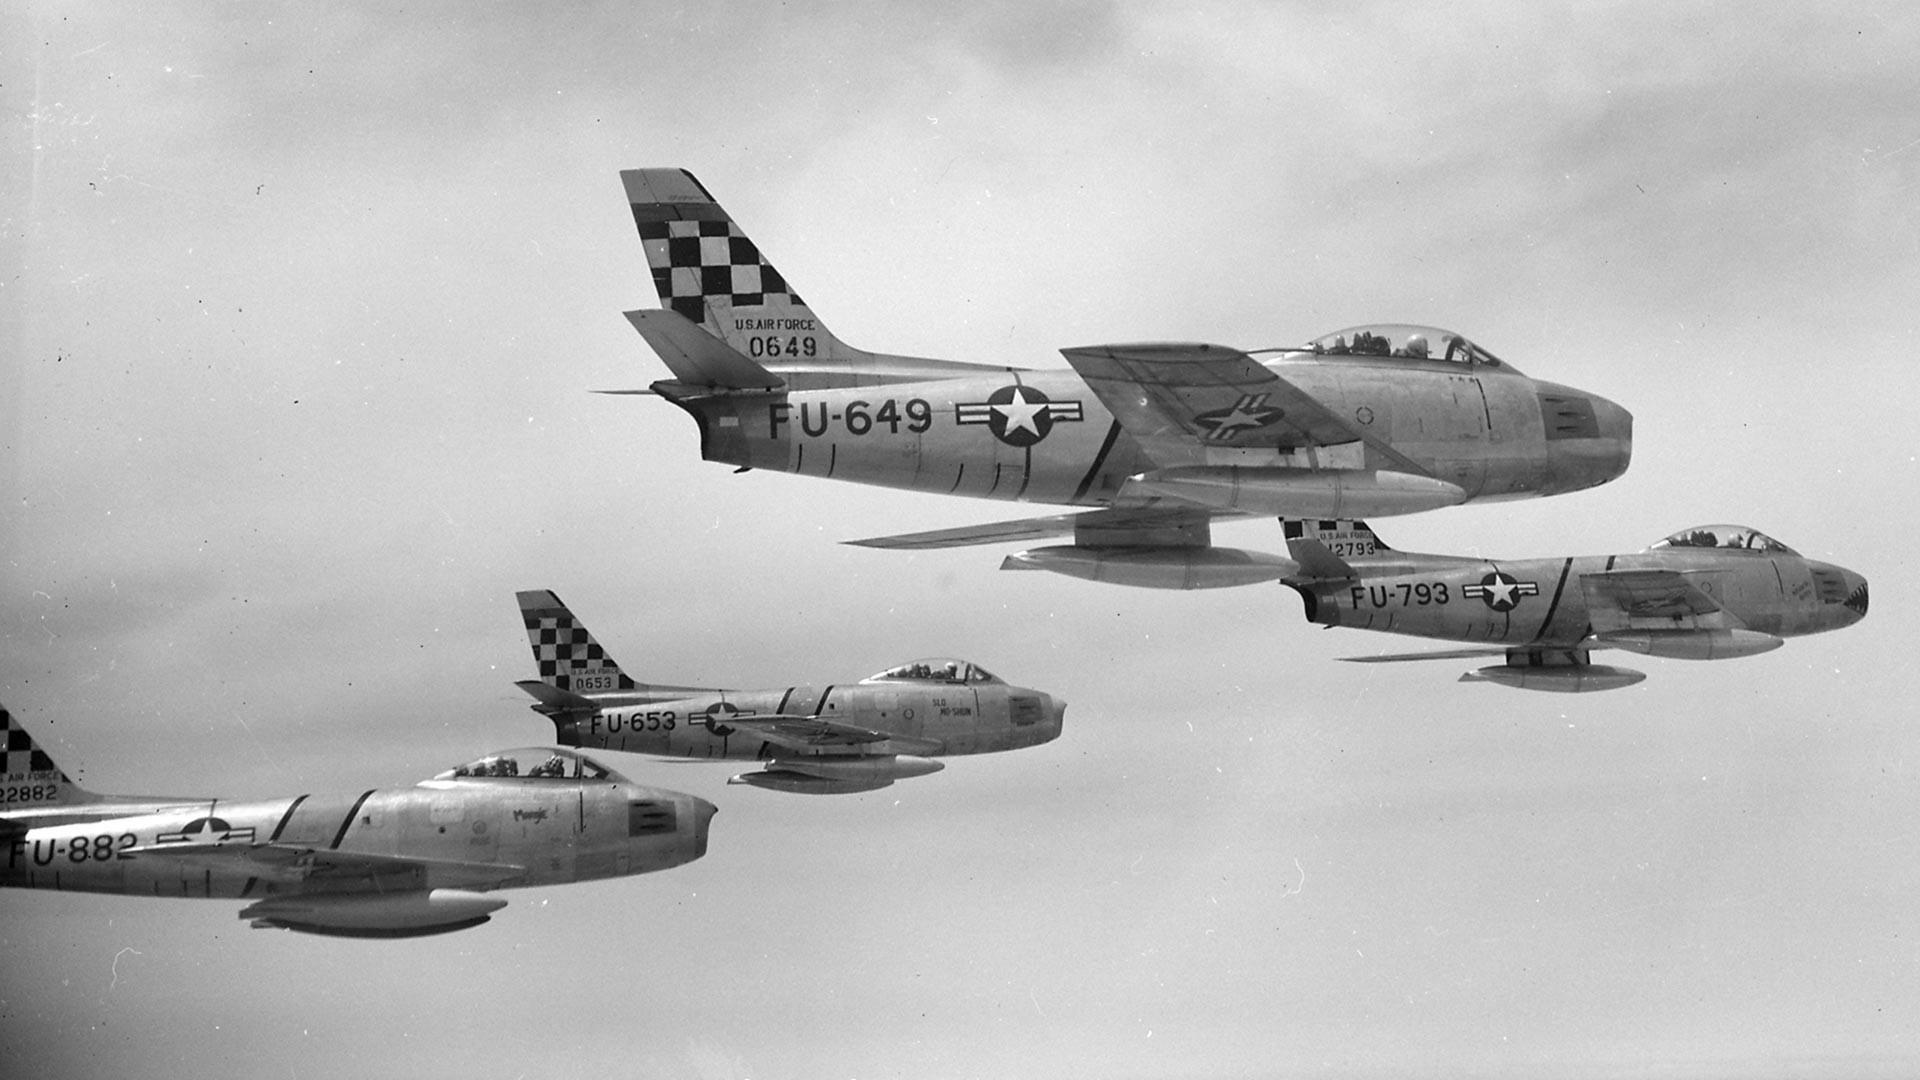 4 ловци F-86E Сејбр во состав на 51 грипа ловци-пресретнувачи над Кореја на 22 мај 1953 година. Авионите FU-649 и FU-653 се модел F-86E-5-NA, FU-793 е модел F-86E-10-NA, додека FU-882 е модел F-86E-6-CAN кој оригинално го произведе Канада, но го испорача на американското воздухопловство.